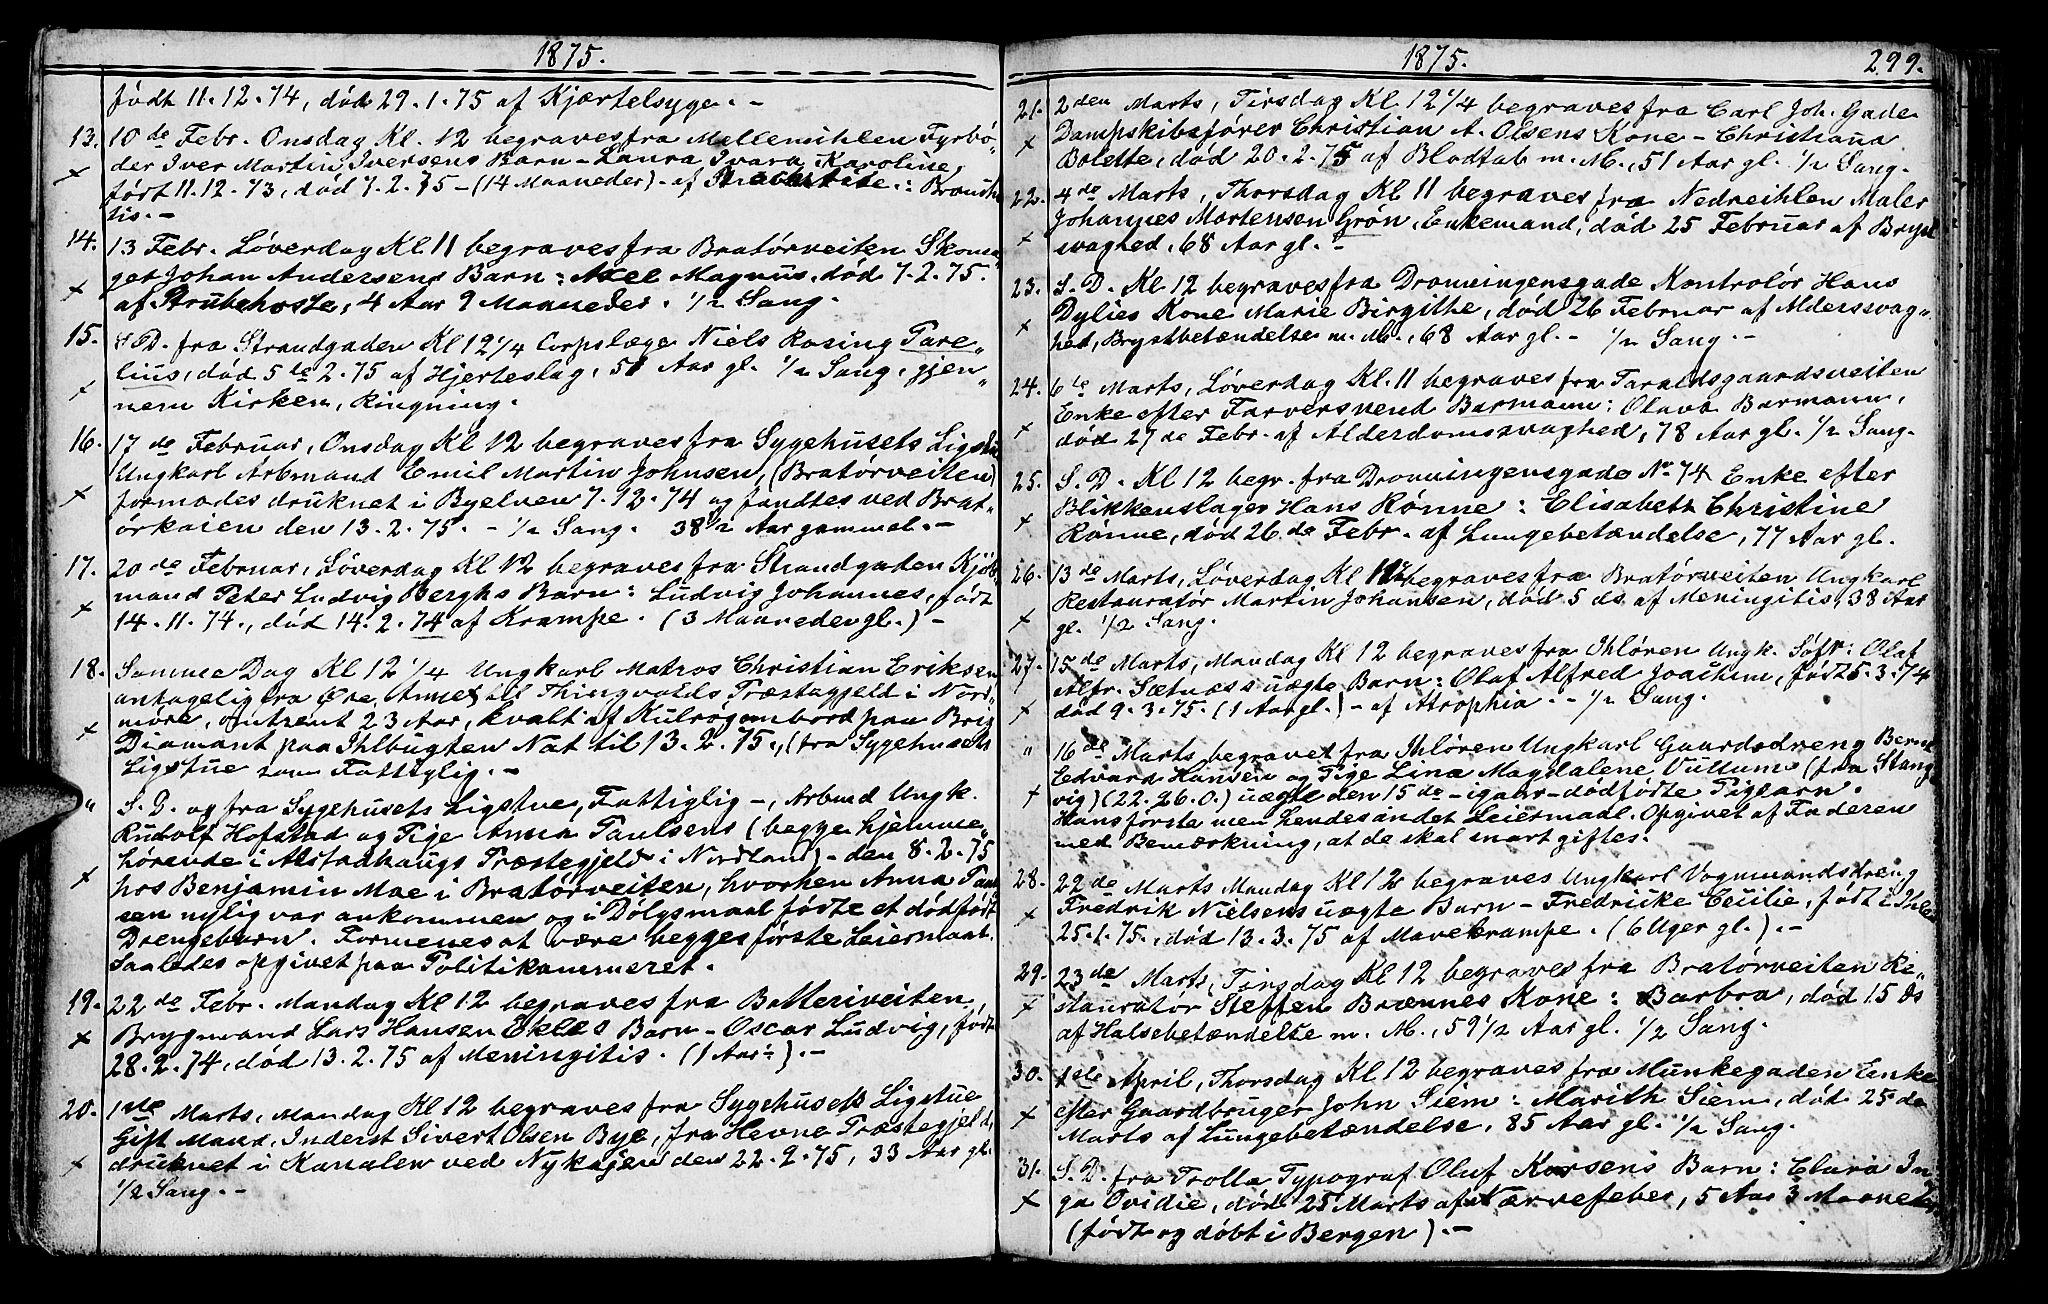 SAT, Ministerialprotokoller, klokkerbøker og fødselsregistre - Sør-Trøndelag, 602/L0142: Klokkerbok nr. 602C10, 1872-1894, s. 299